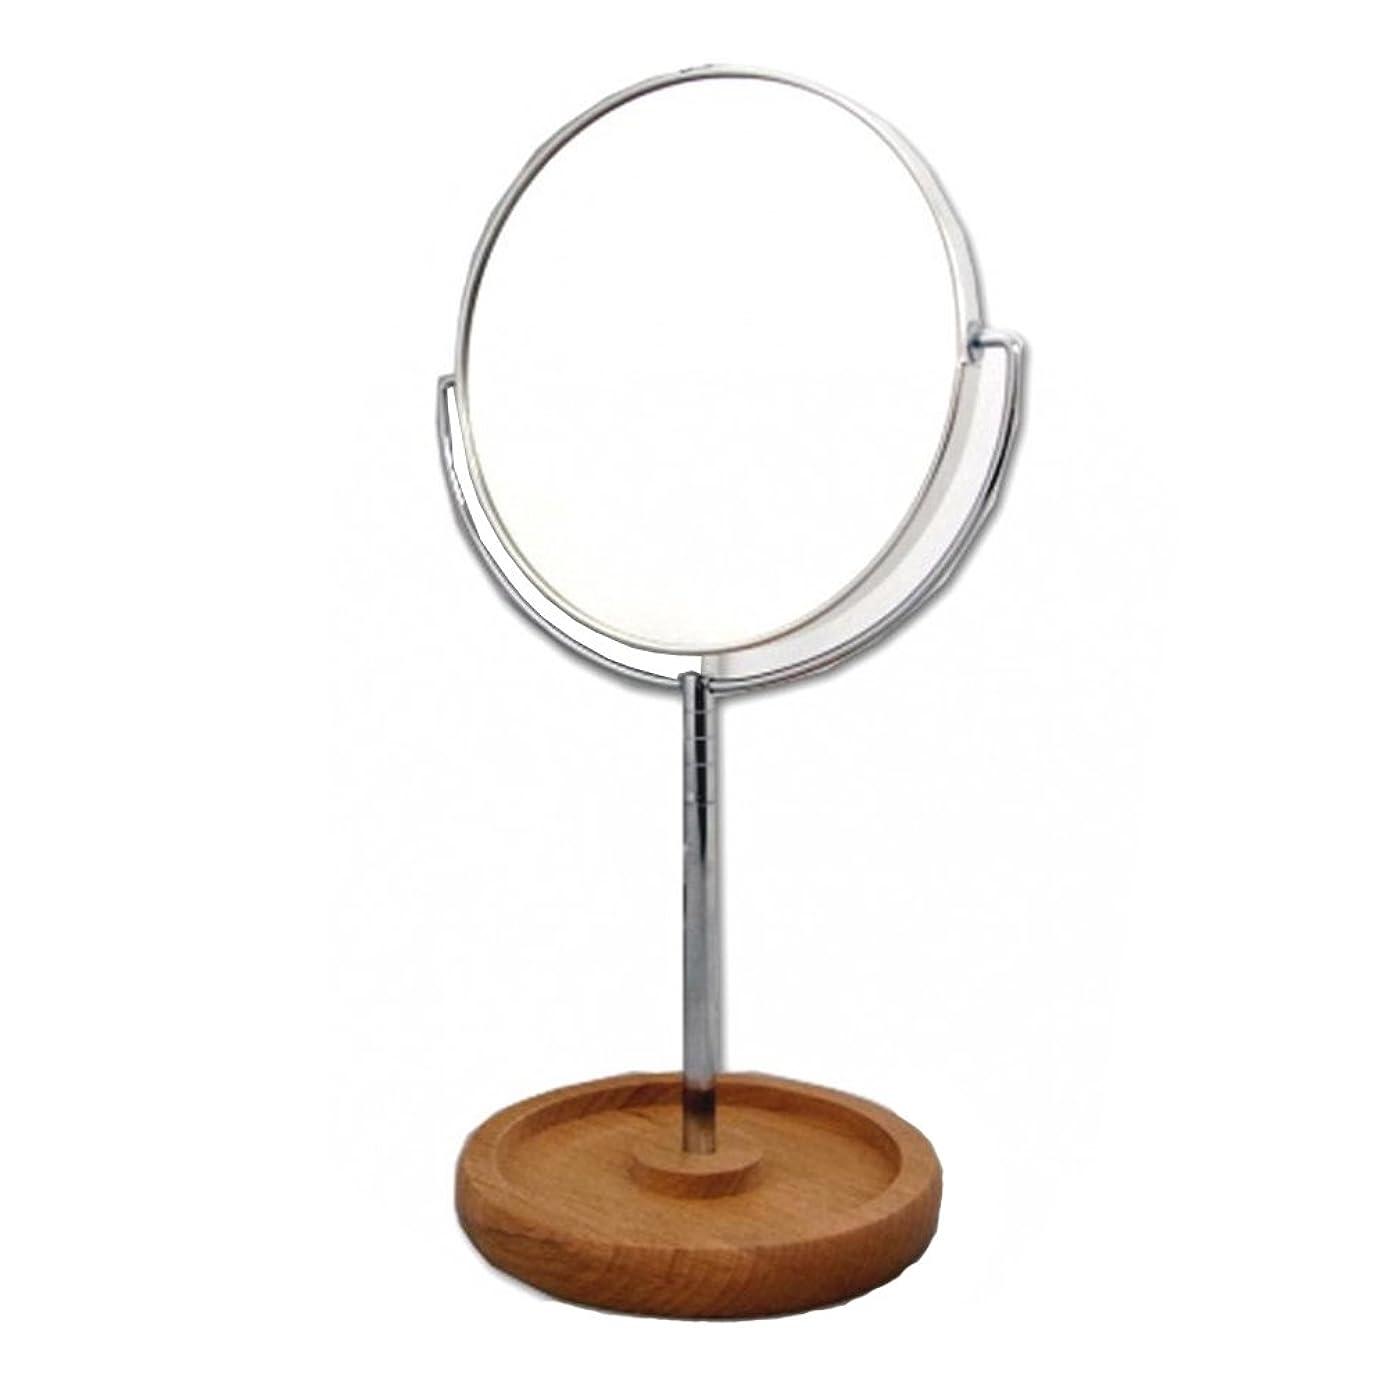 懐疑論取り出すプラスメリー ロングステム 天然木製トレイ 片面約5倍 拡大鏡付両面ミラー 8880